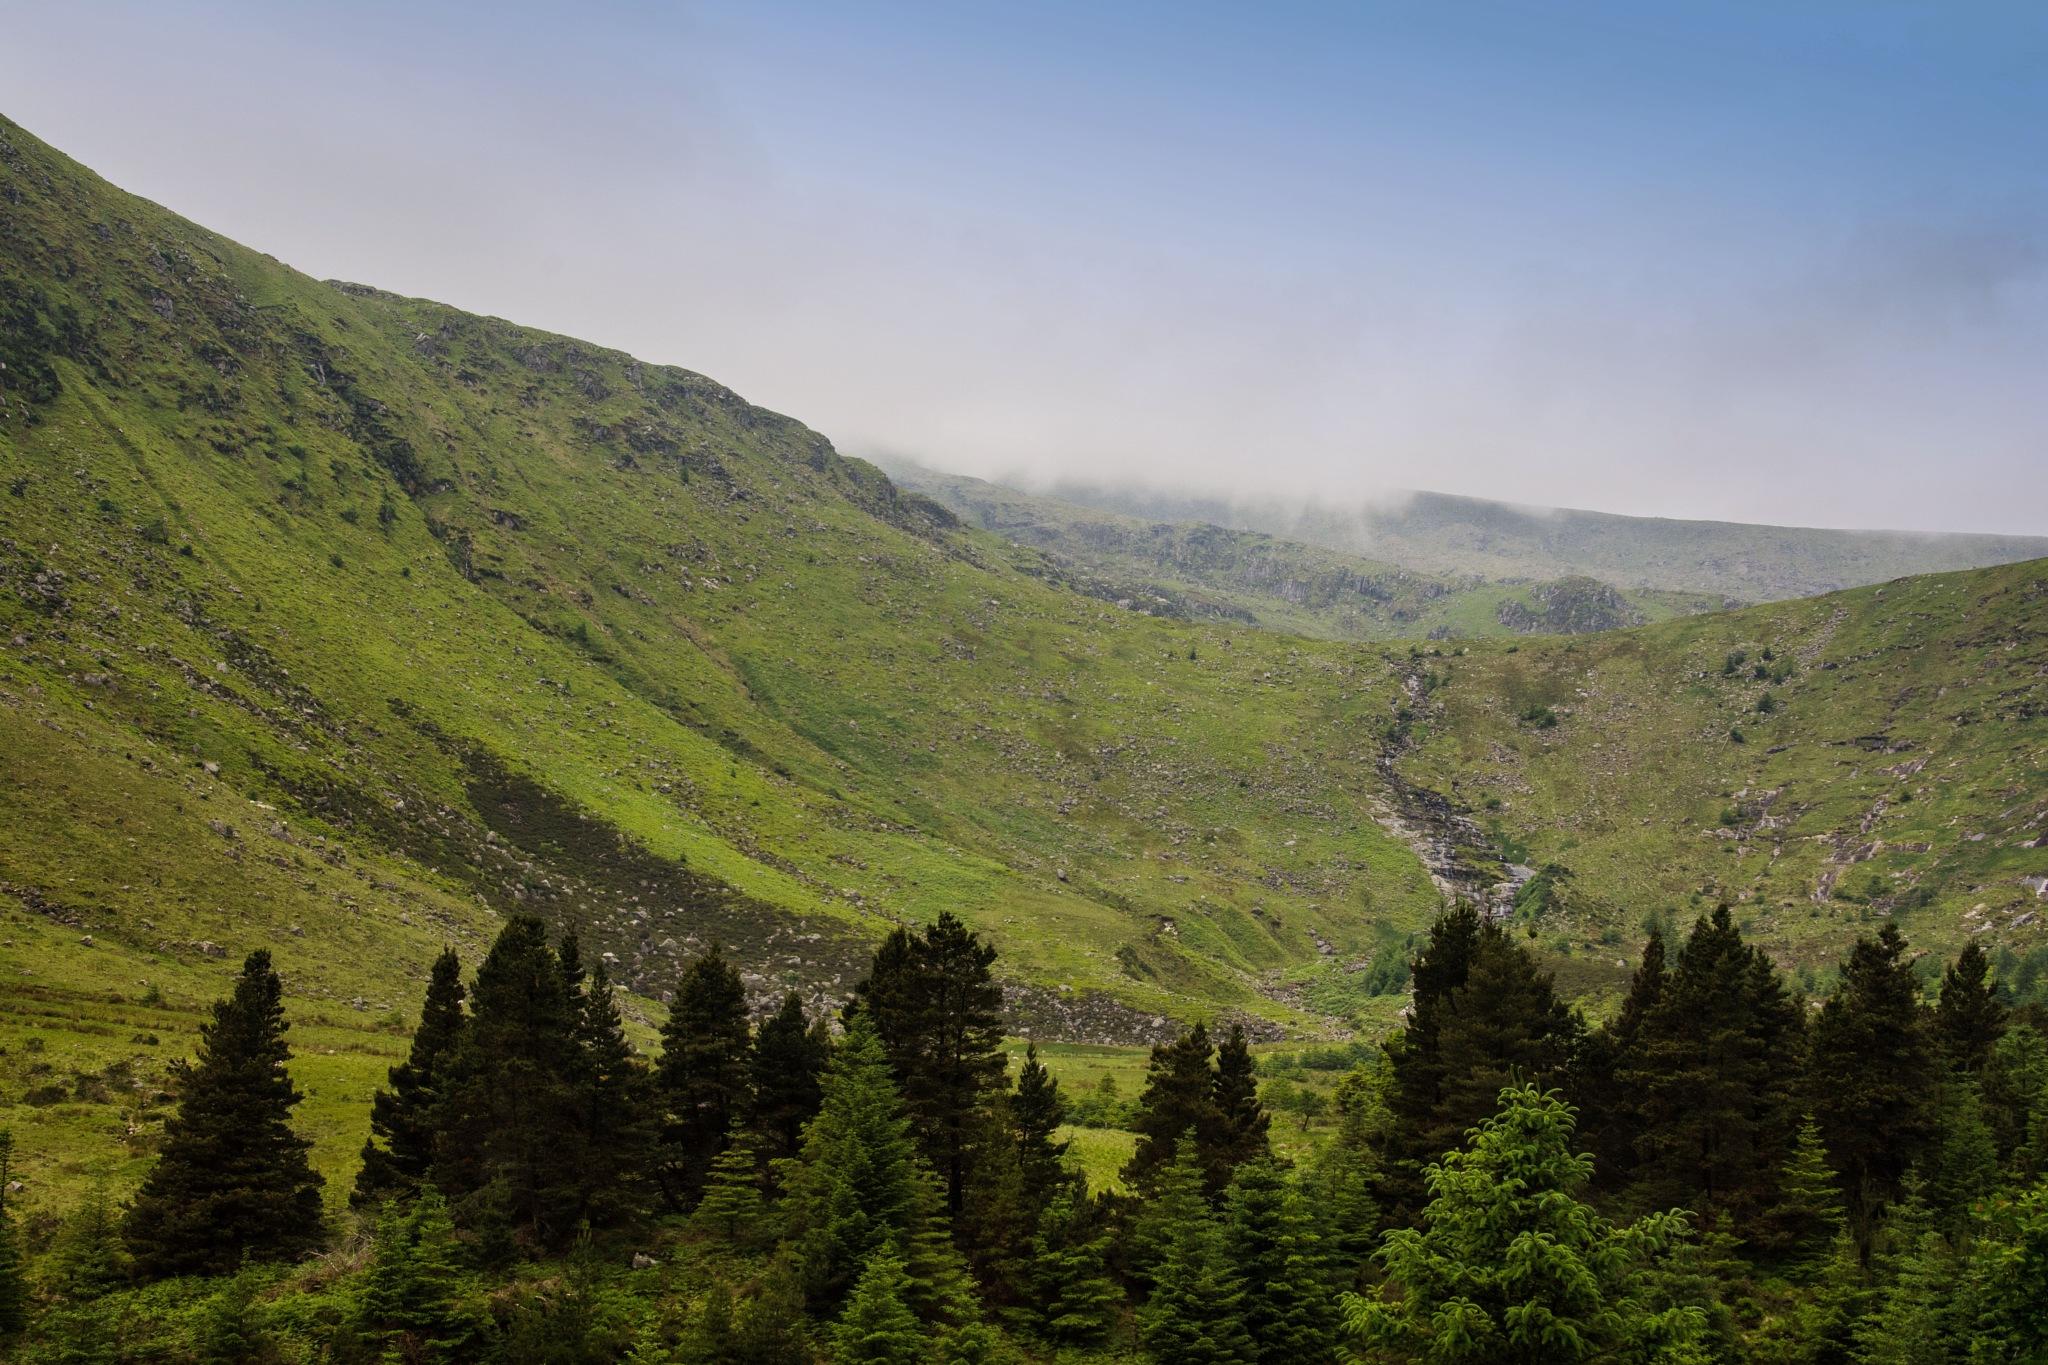 Wicklow mountains by jonjodun